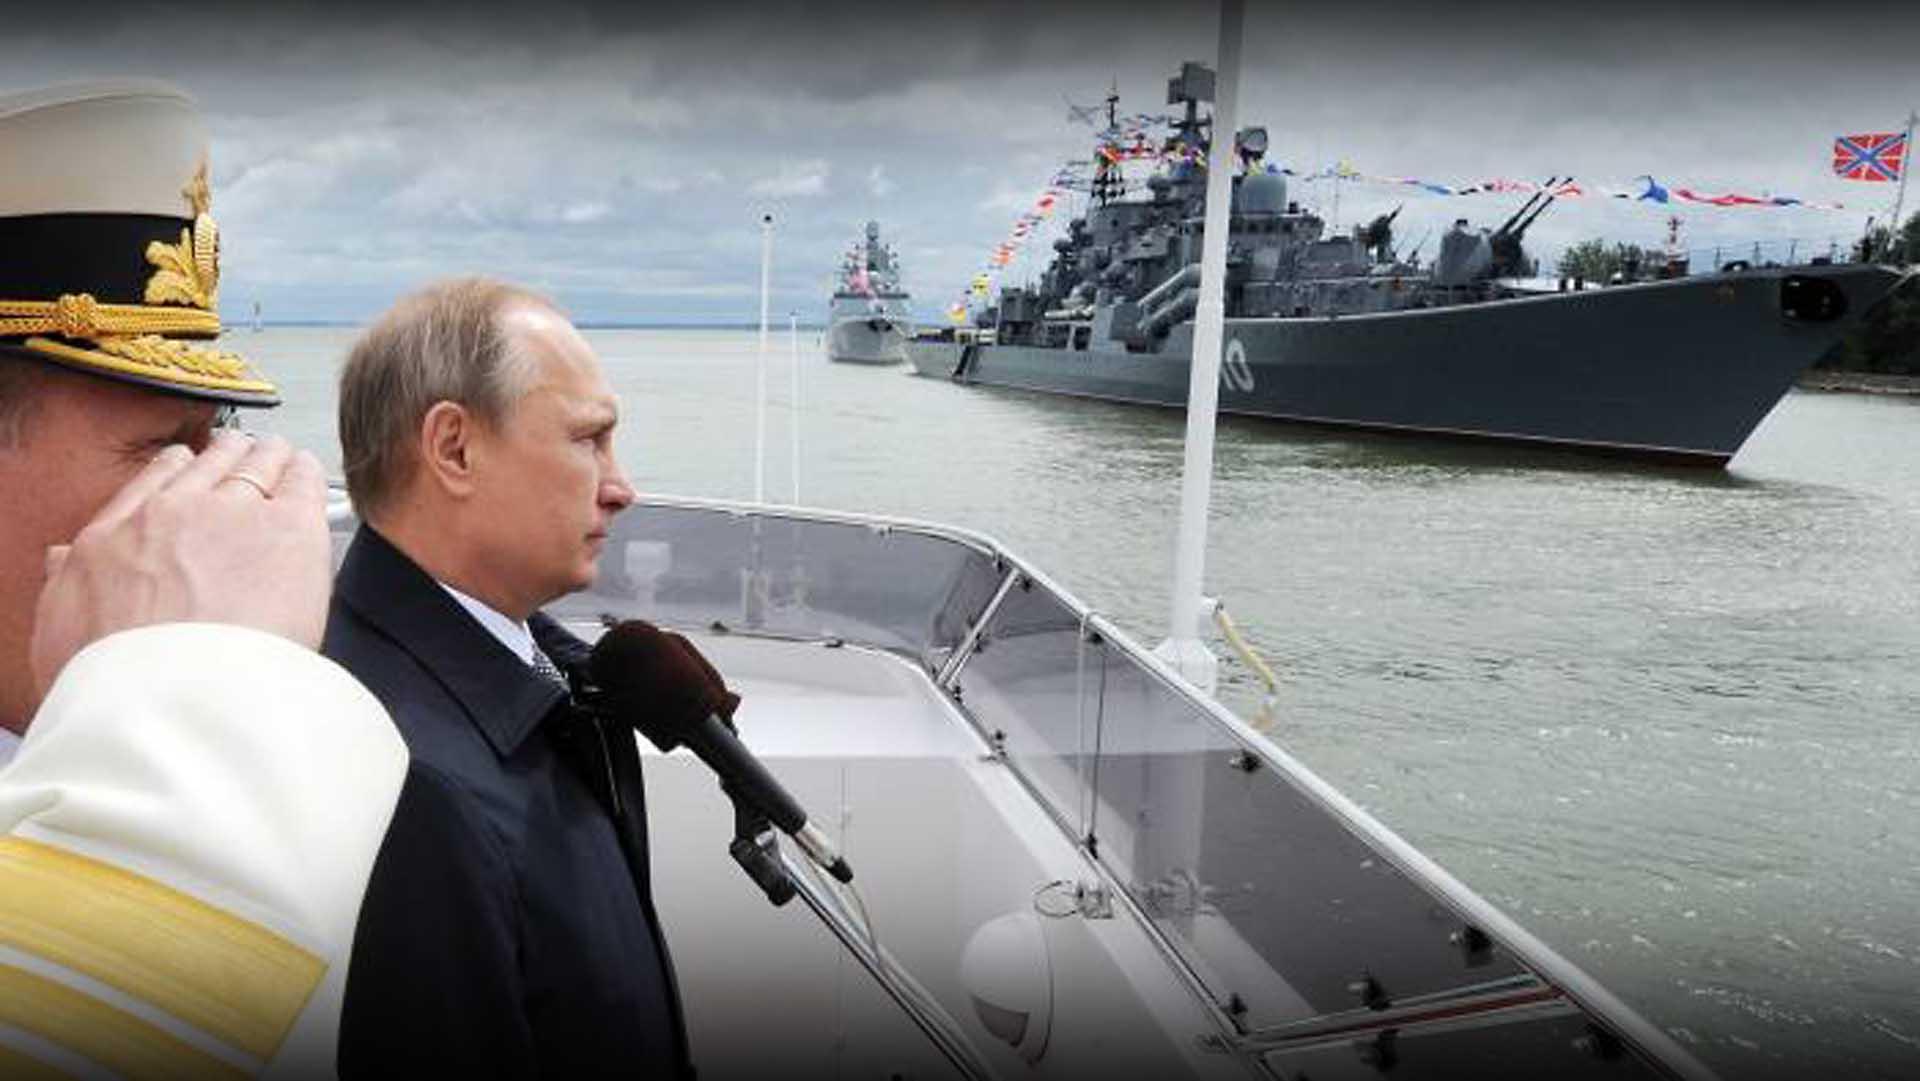 نشاط روسيا العسكري في شرق المتوسط يكرر مقاربتها تجاه سورية